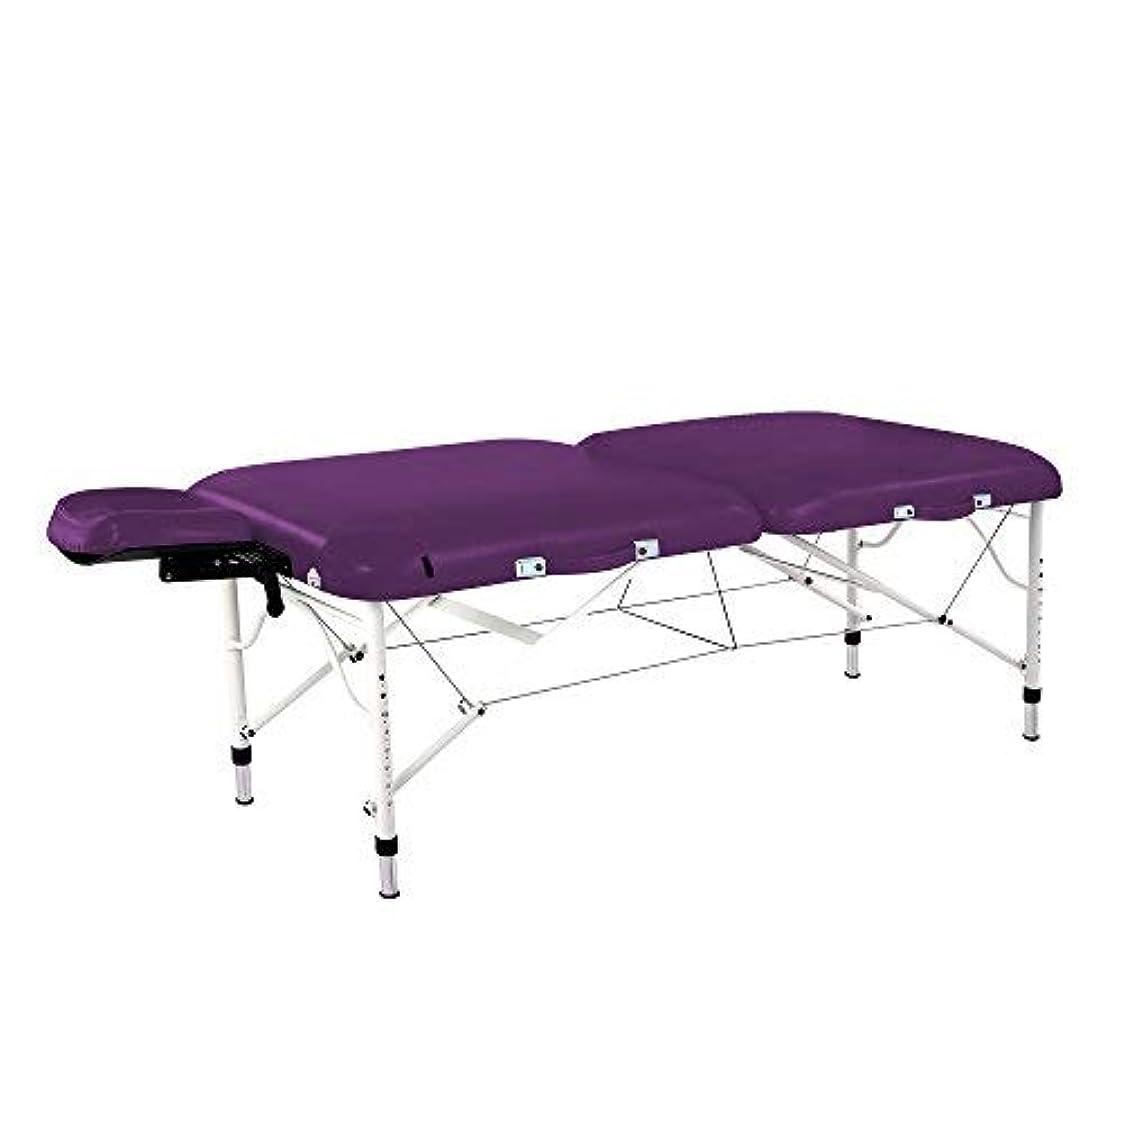 選挙プレーヤーはねかけるMaster Massage Calypso Ultra-Light LX Massage Table Package Violet 30 Inch [並行輸入品]